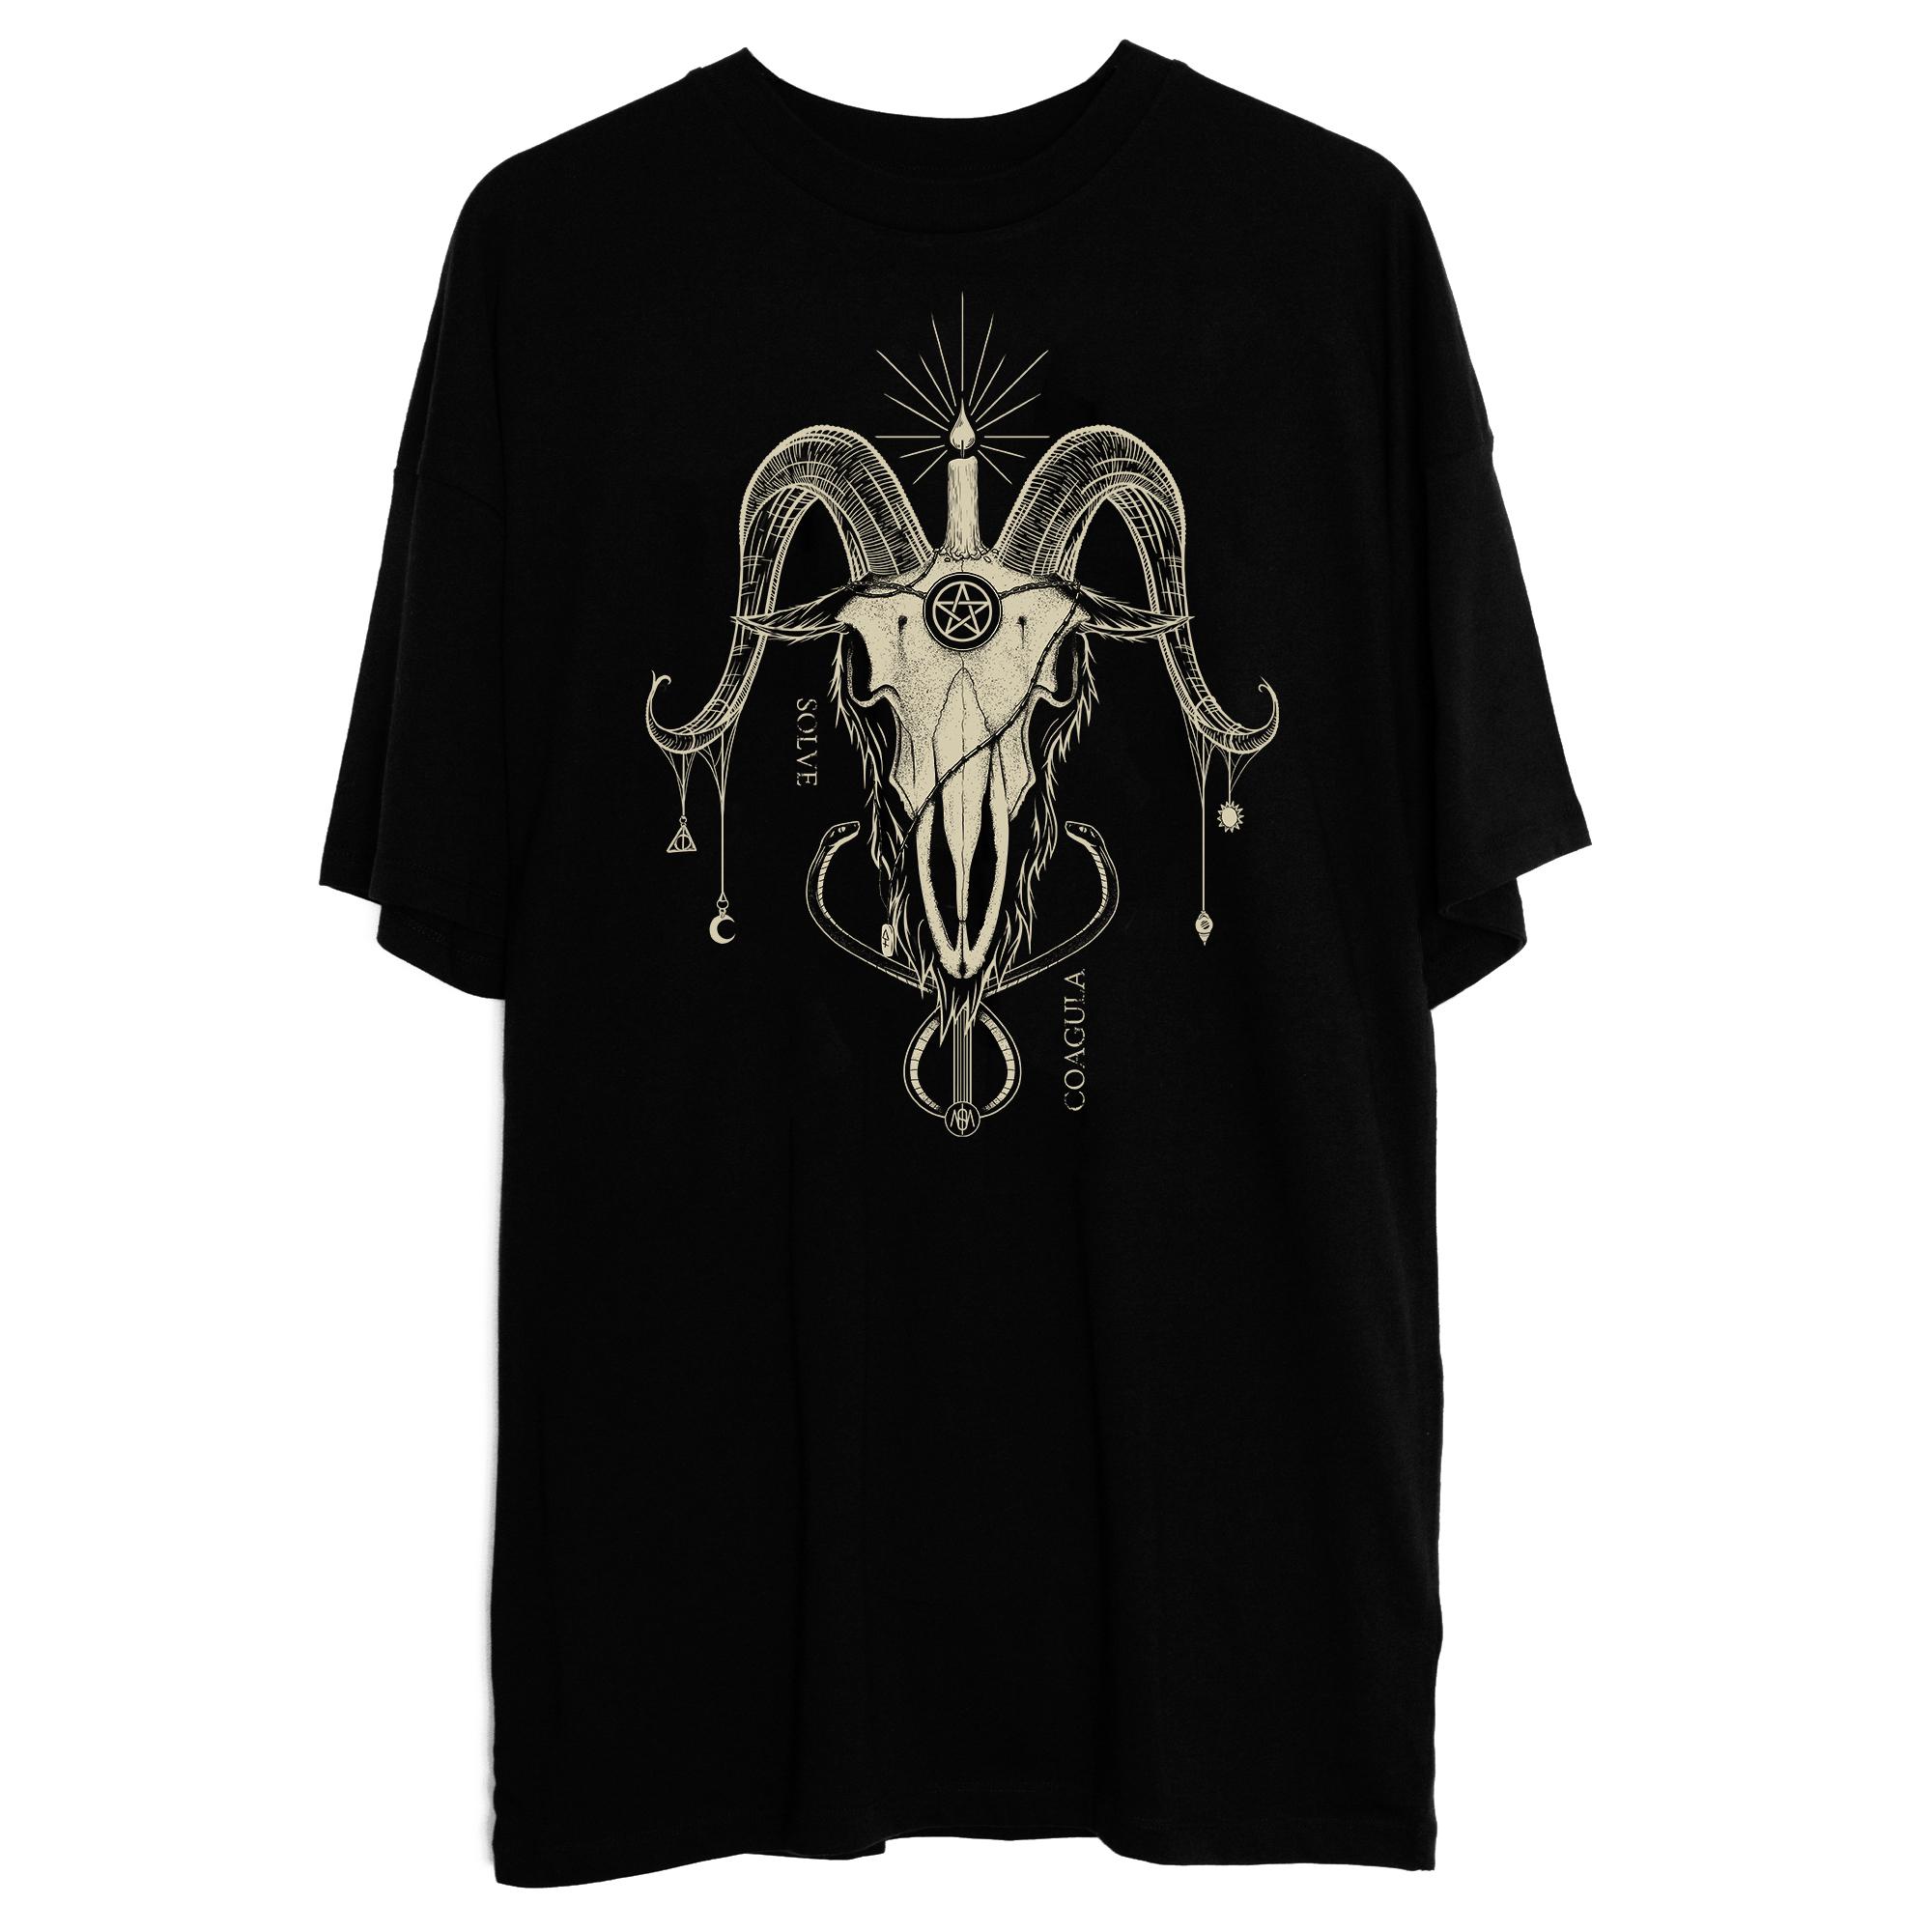 Robe T-shirt Baphomet Crème sur Noir